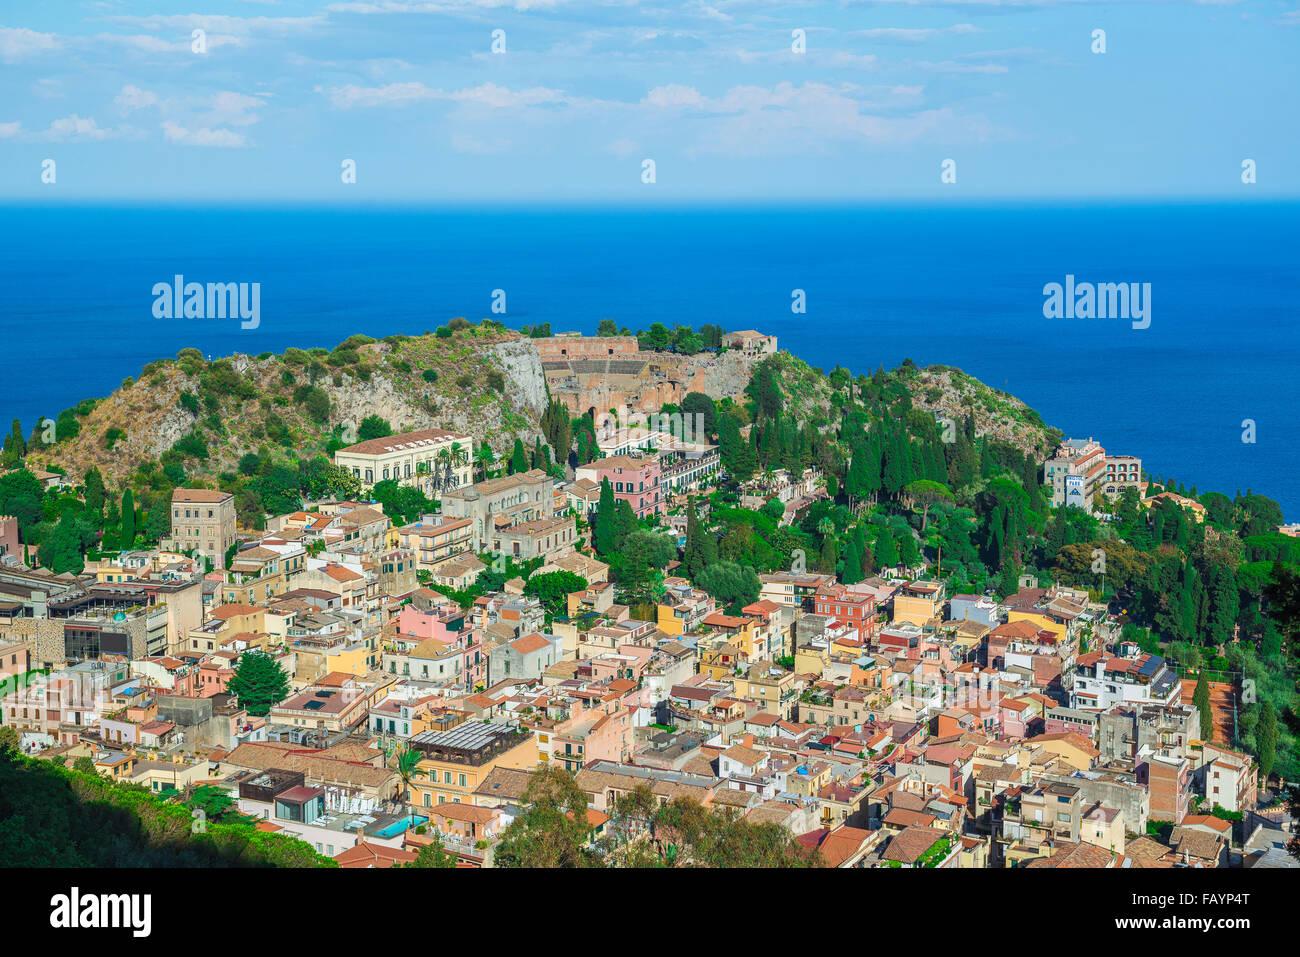 Taormina Landschaft Sizilien, Antenne Stadtbild Blick auf Taormina, zeigt das Auditorium der antiken griechischen Stockbild